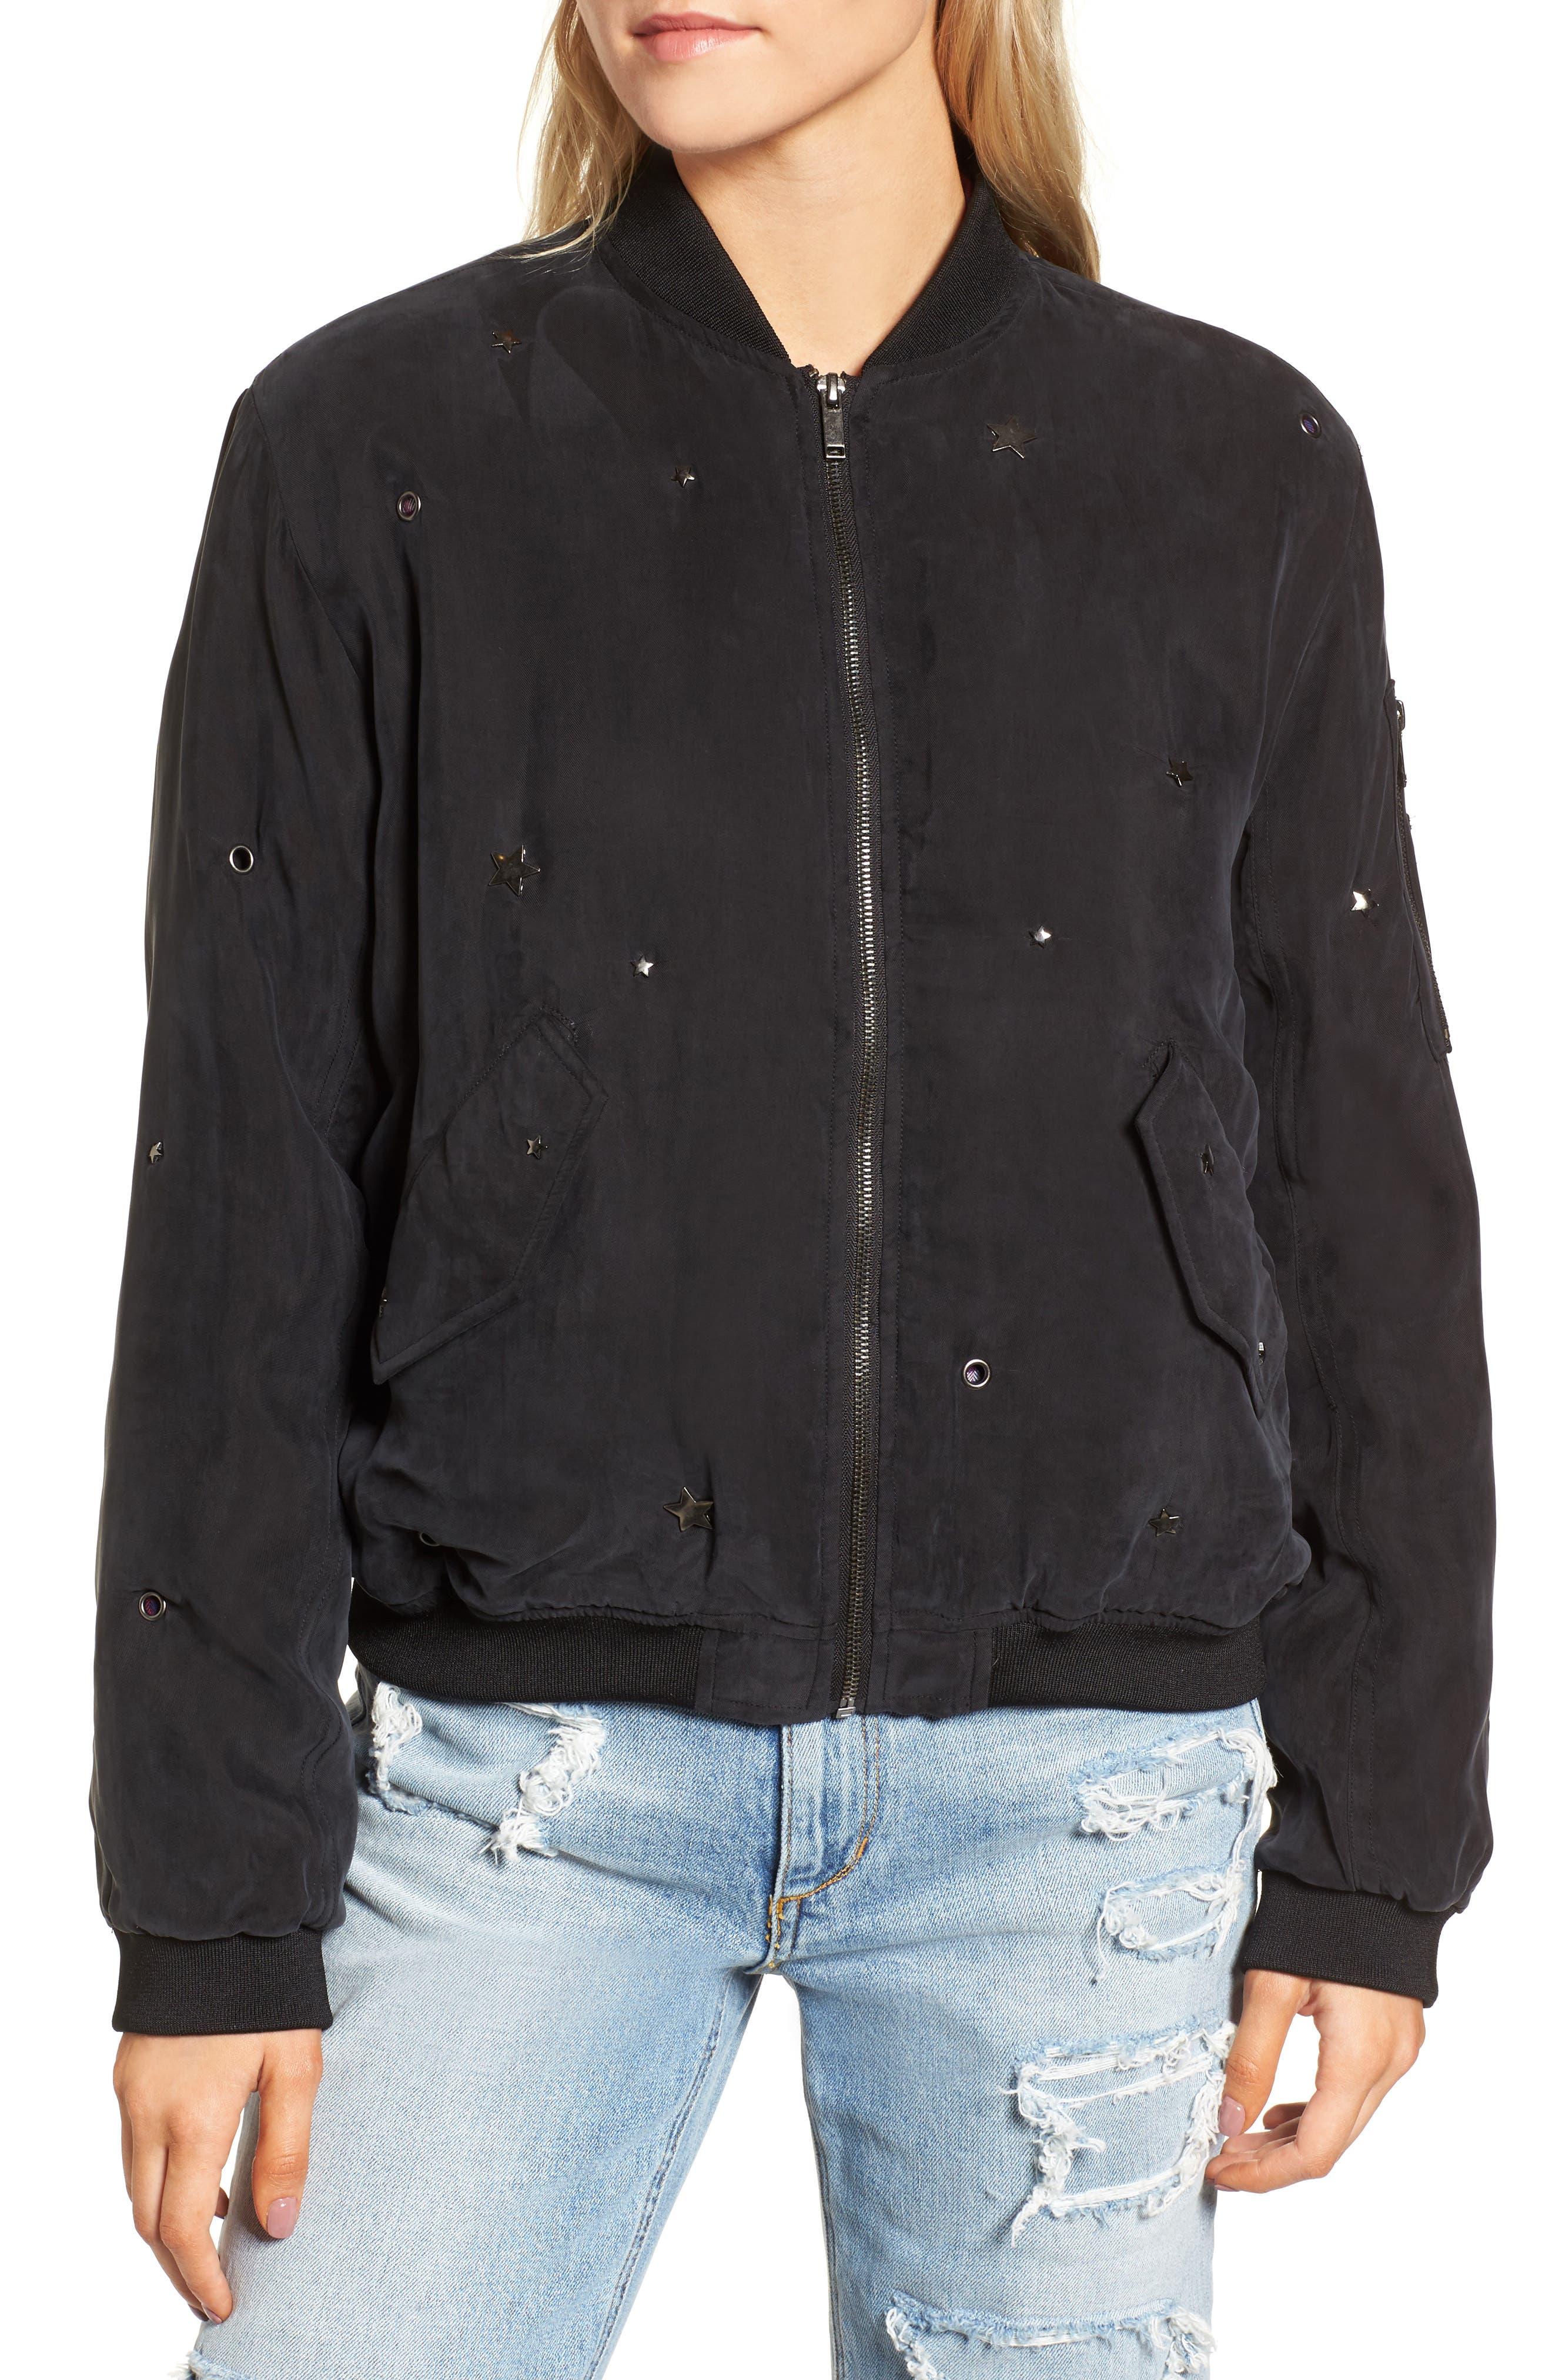 Ace Embellished Bomber Jacket,                             Alternate thumbnail 4, color,                             Black-Studded